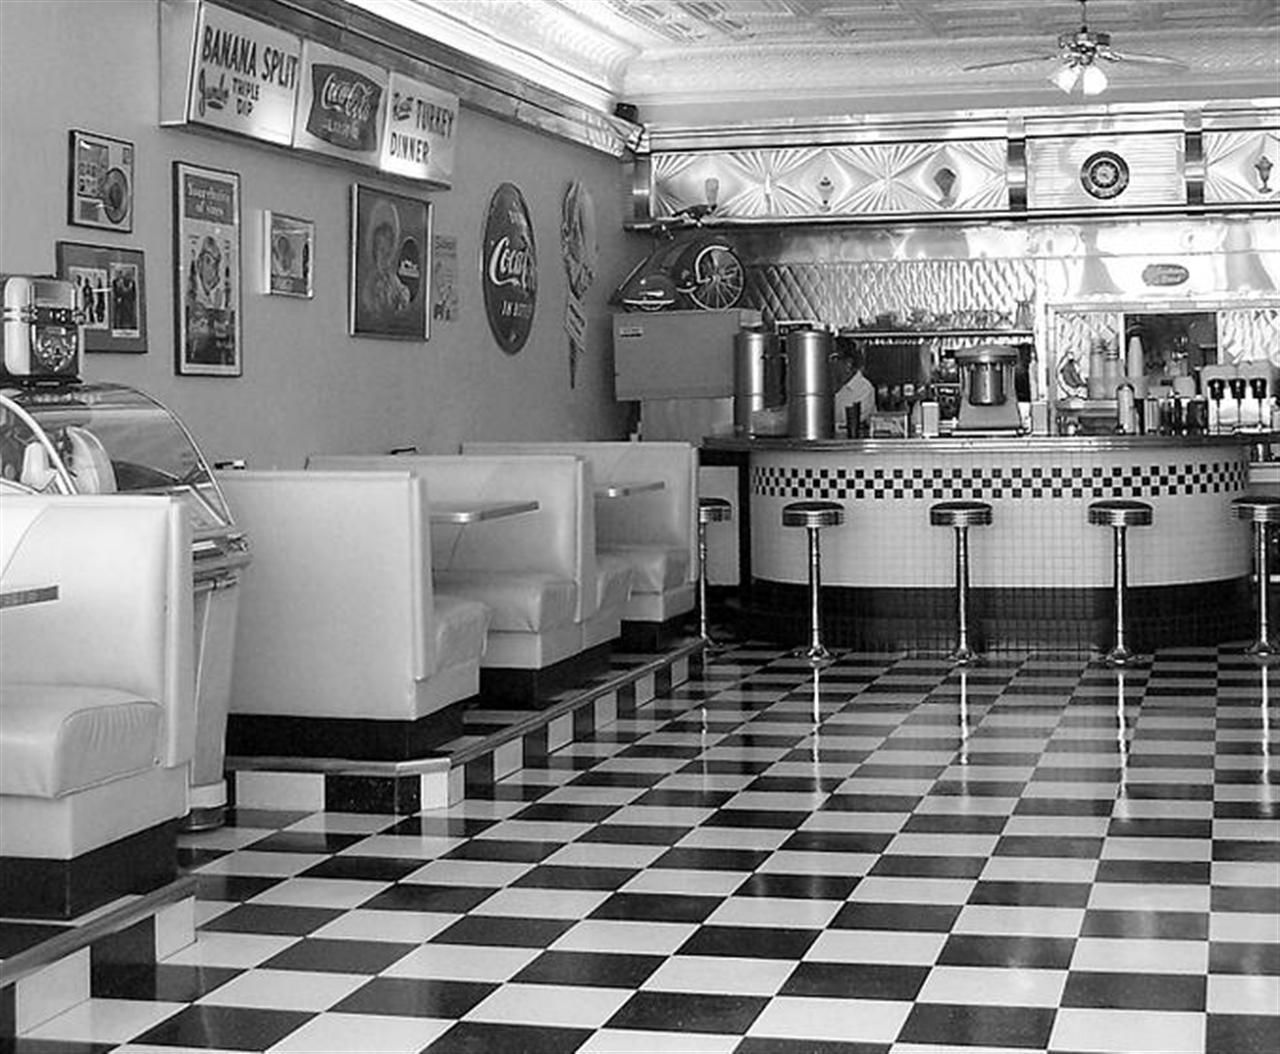 American Diner Wallpaper Wallpapersafari